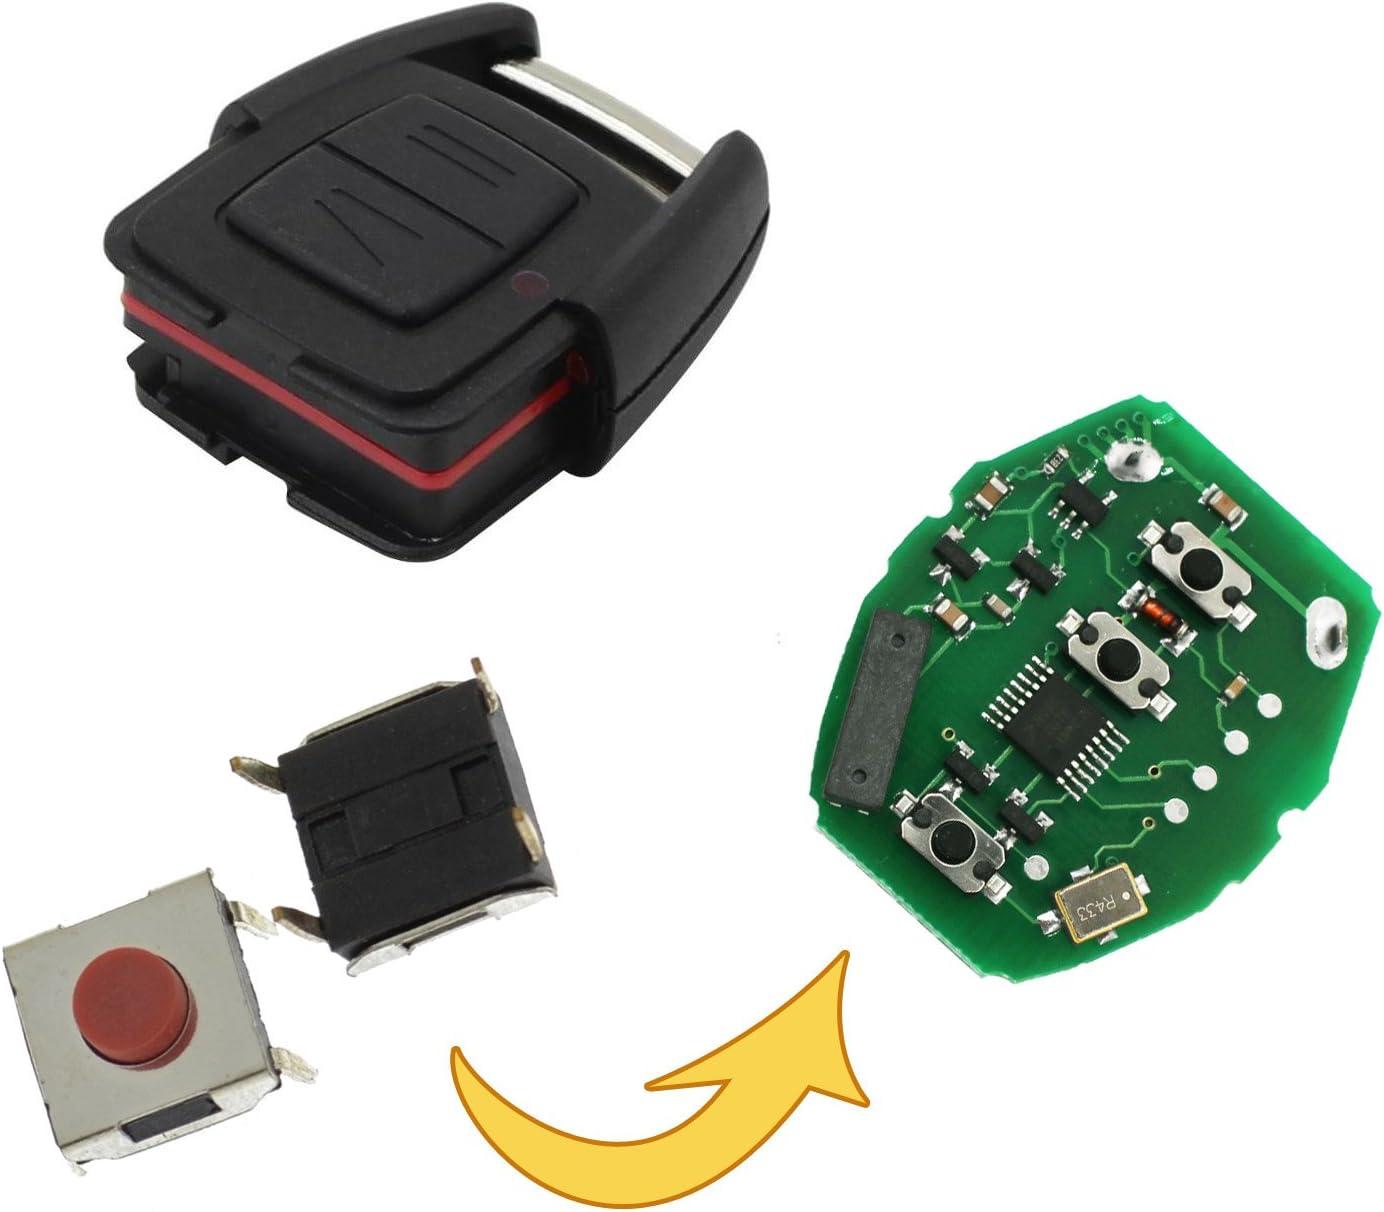 Microtaster Taster Fernbedienung Schlüssel Fernbedienung Taster Micro Smd Taster Autoschlüssel Opel Mp09 Auto